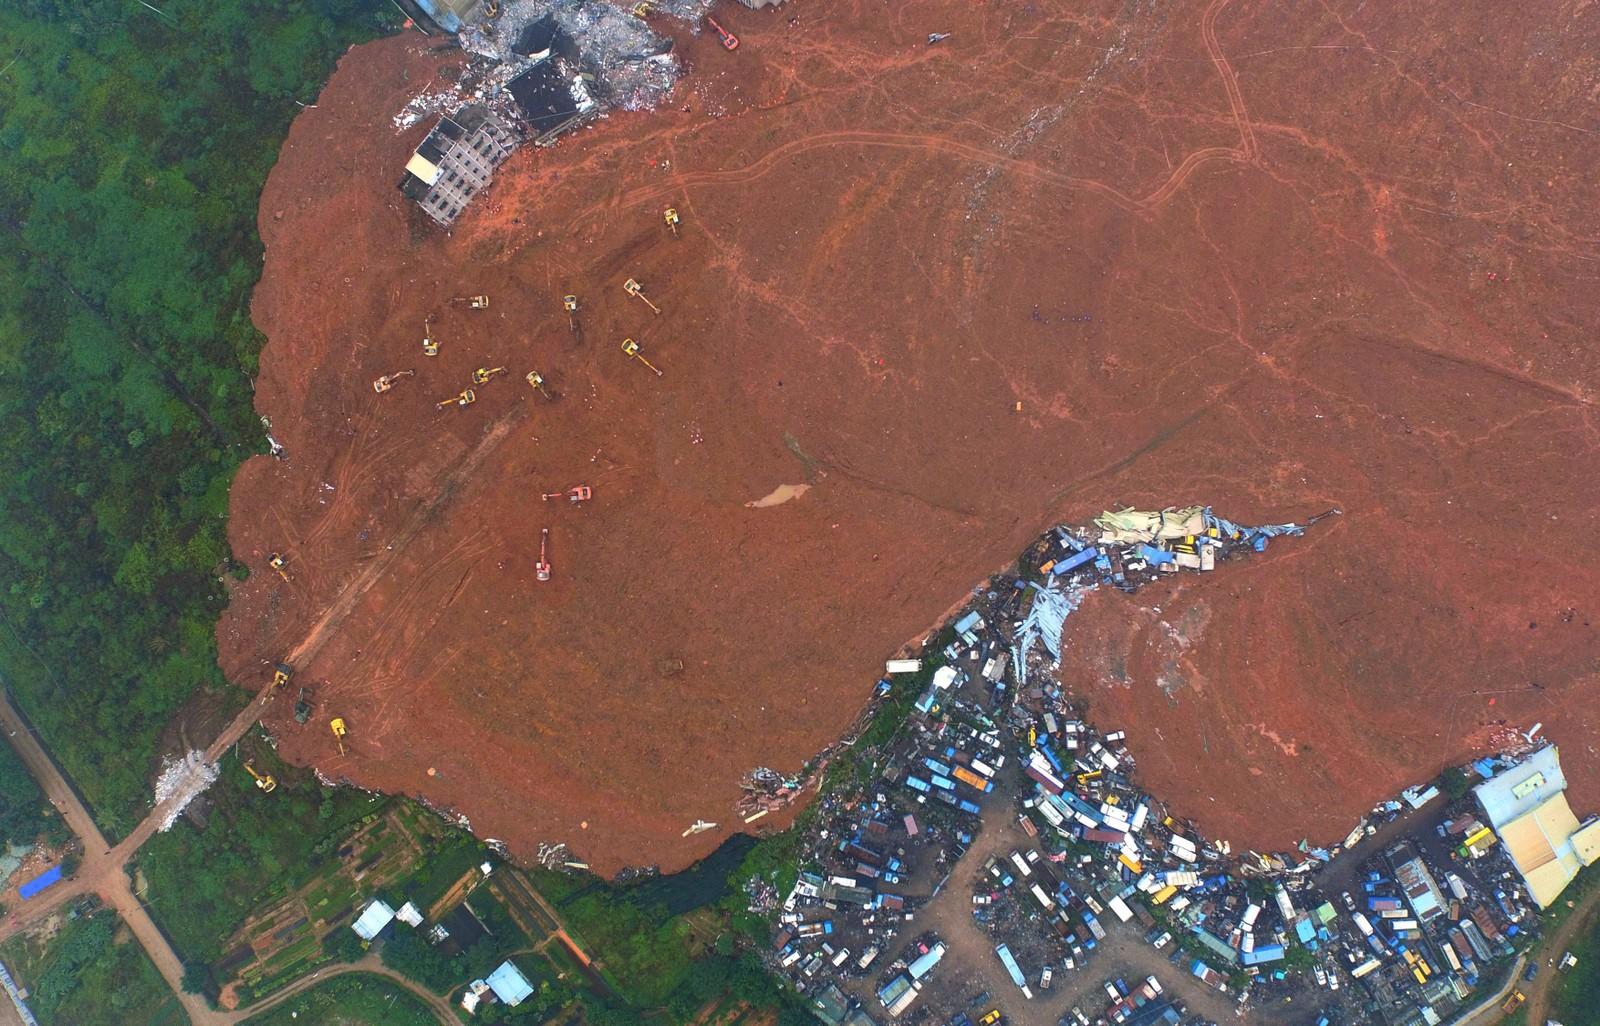 Jord og gjørme dekkjer eit enormt område i byen Shenzhen.